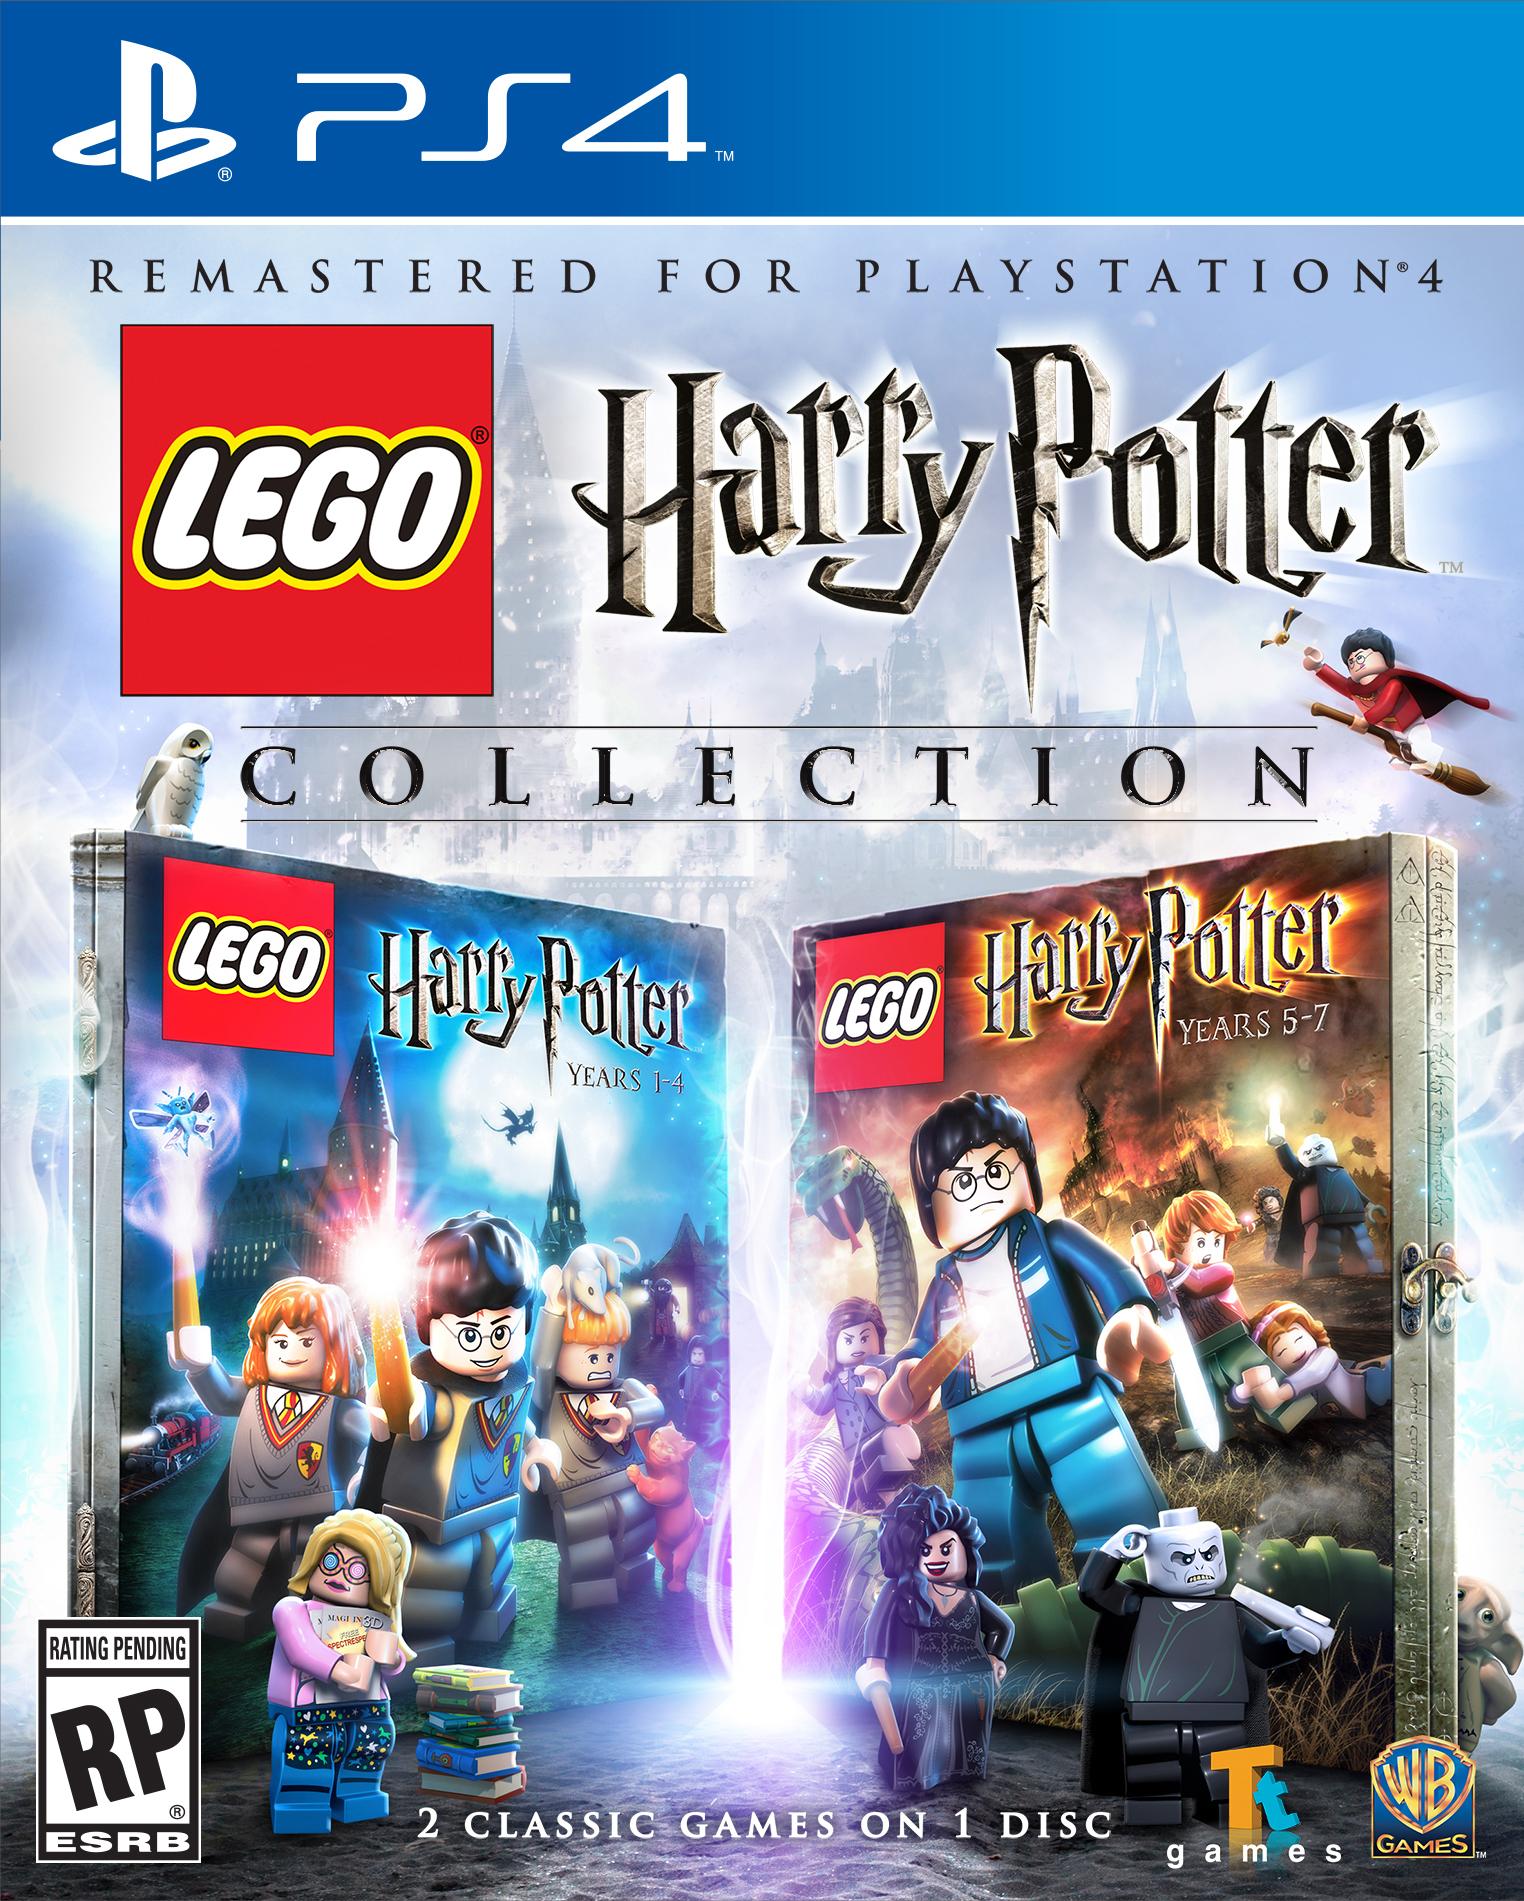 jaquette du jeu vidéo LEGO Harry Potter: Collection